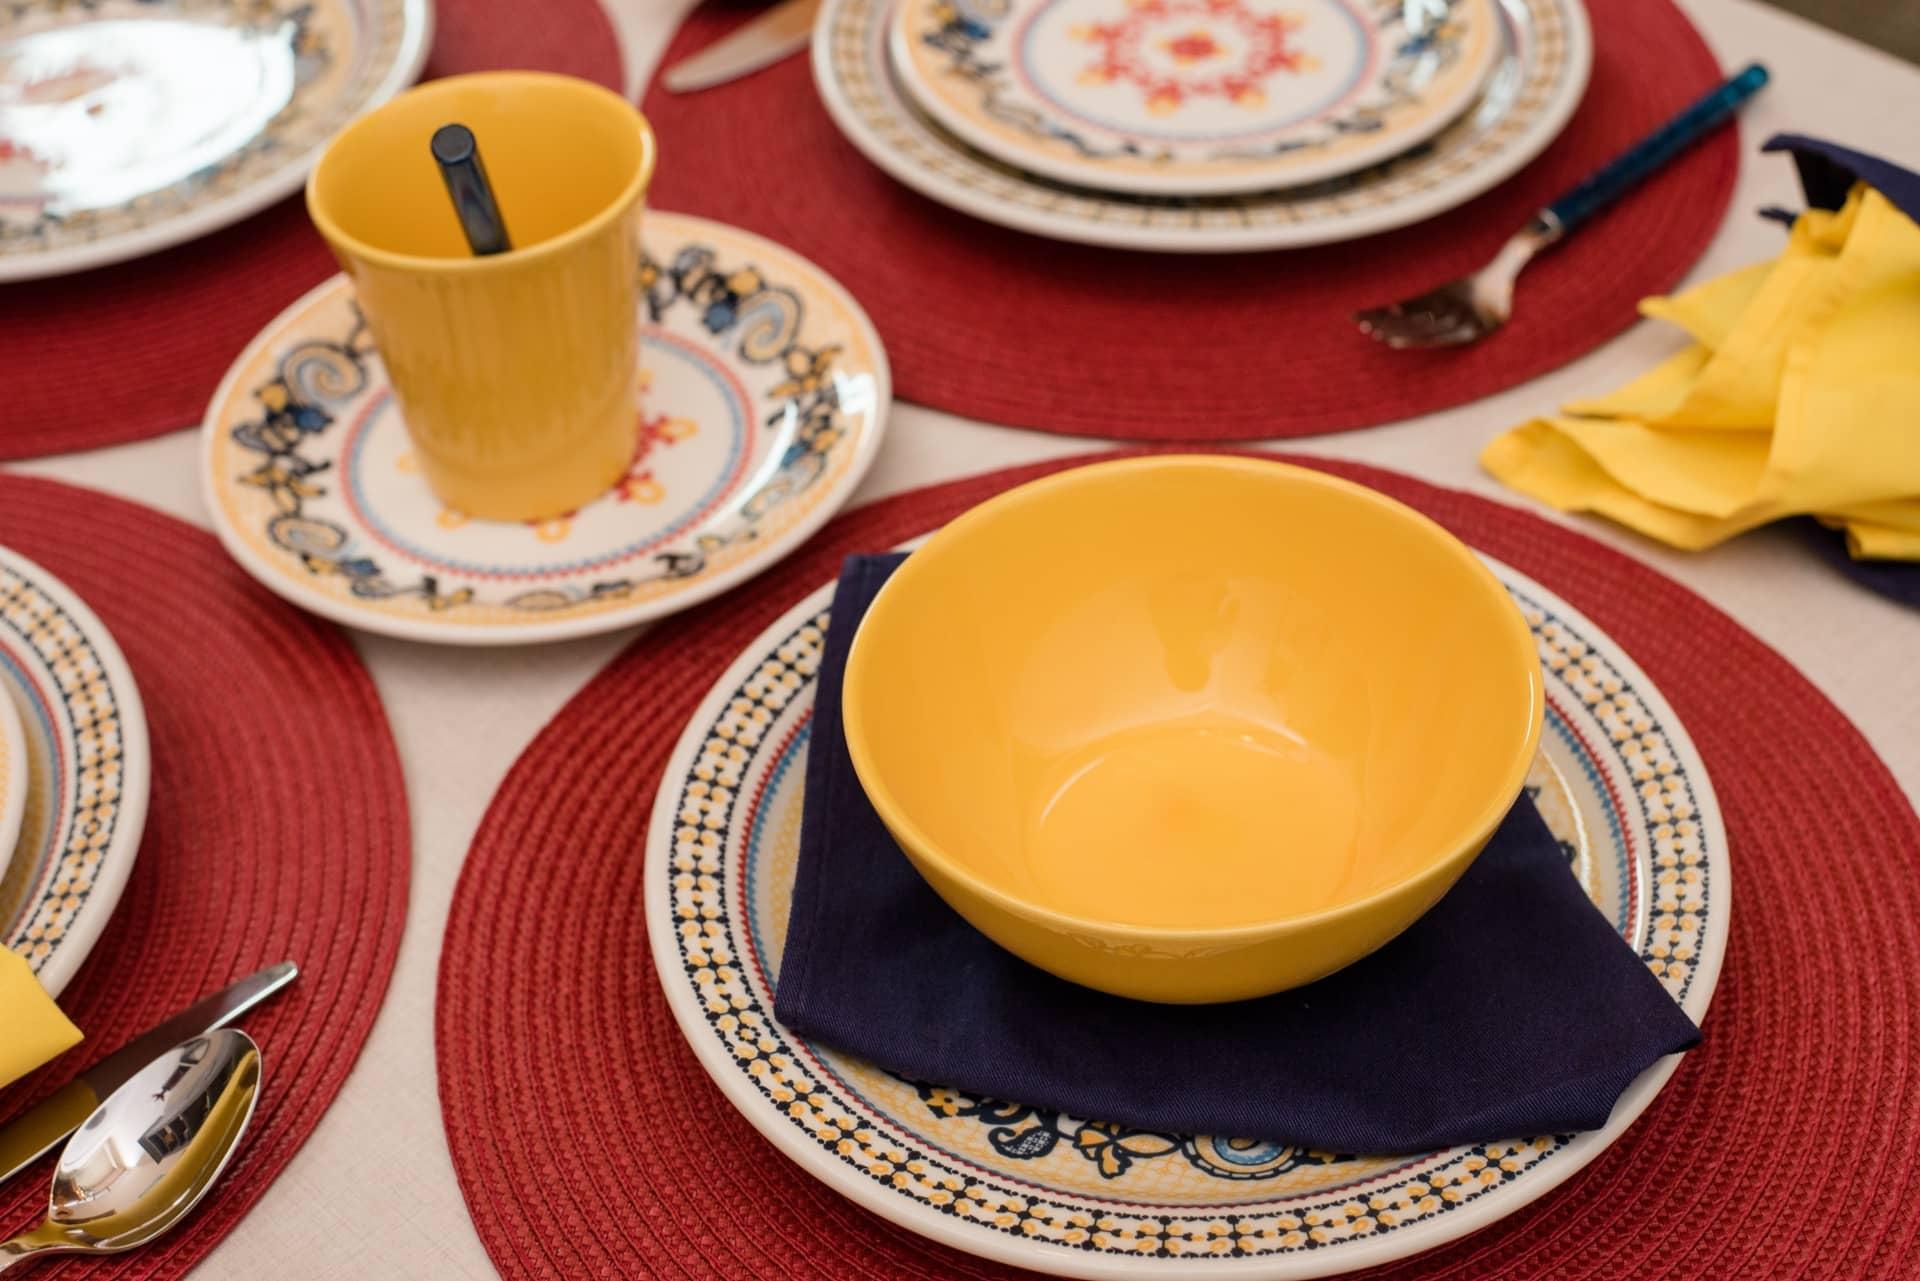 Imagem: Para complementar o jogo de jantar Floreal La Pollera, você pode usar as canecas Tulipa e as tigelas, também da Oxford, em amarelo. Foto: Karla Rudnick